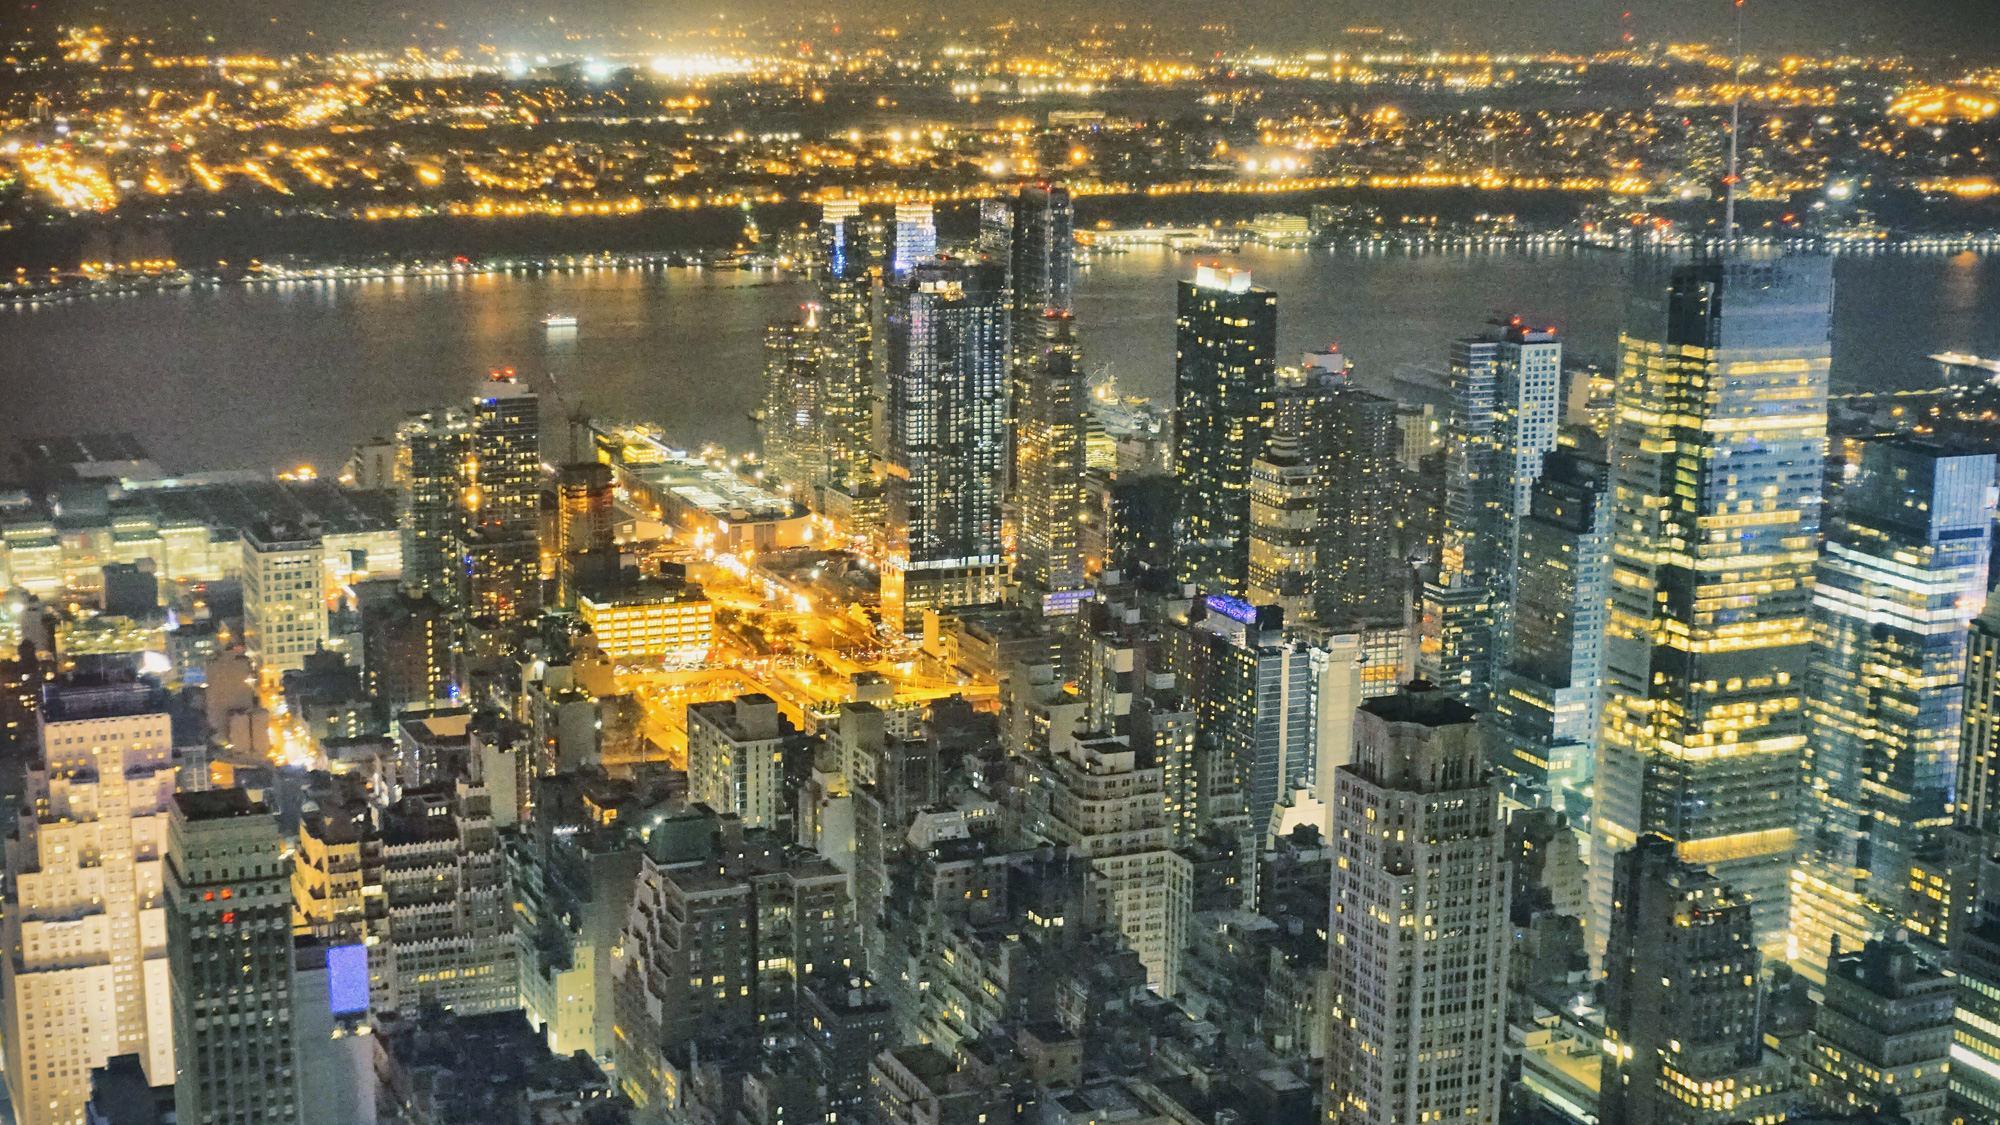 曼哈顿夜景